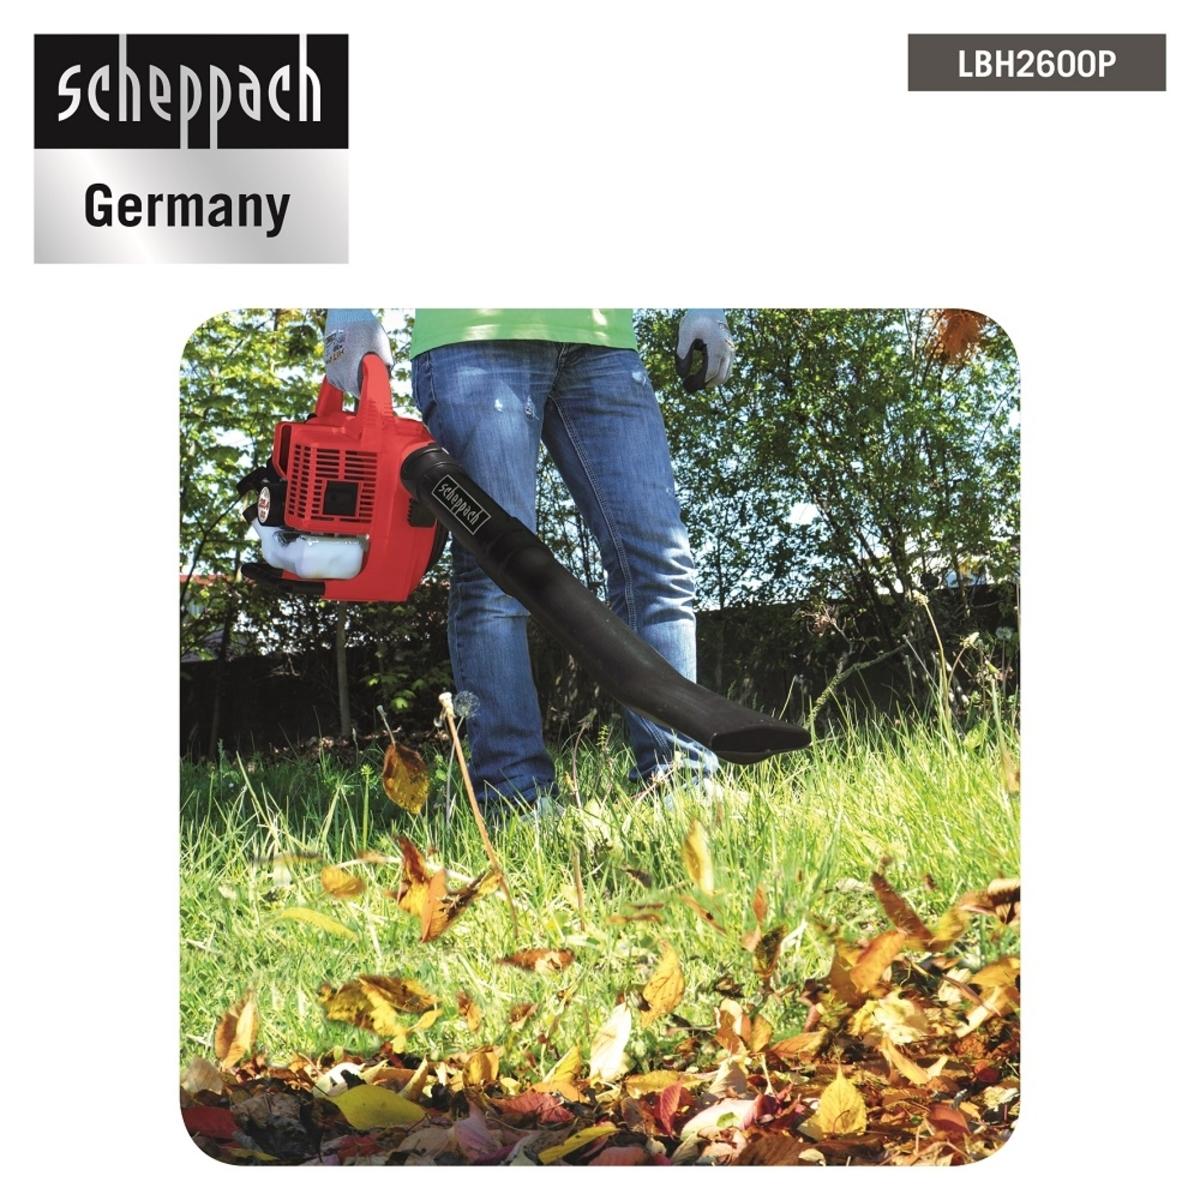 Bild 3 von Scheppach Benzin-Laubbläser LBH2600P